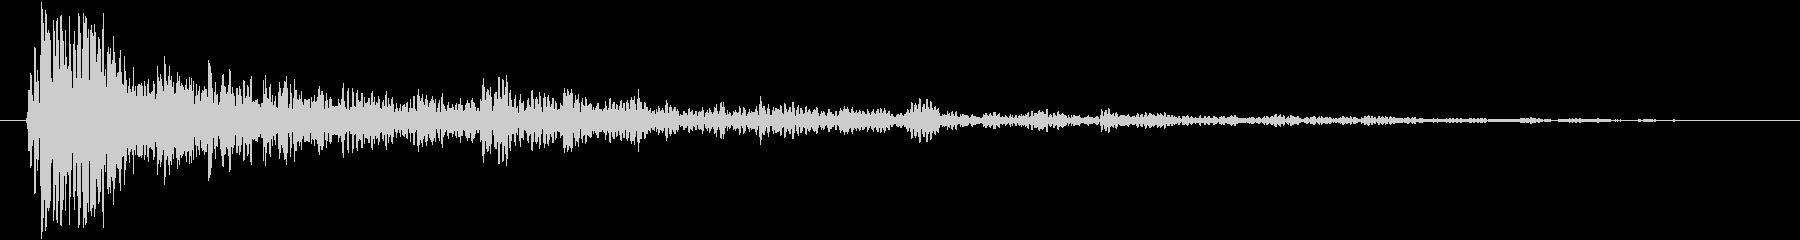 ダークな物音の未再生の波形